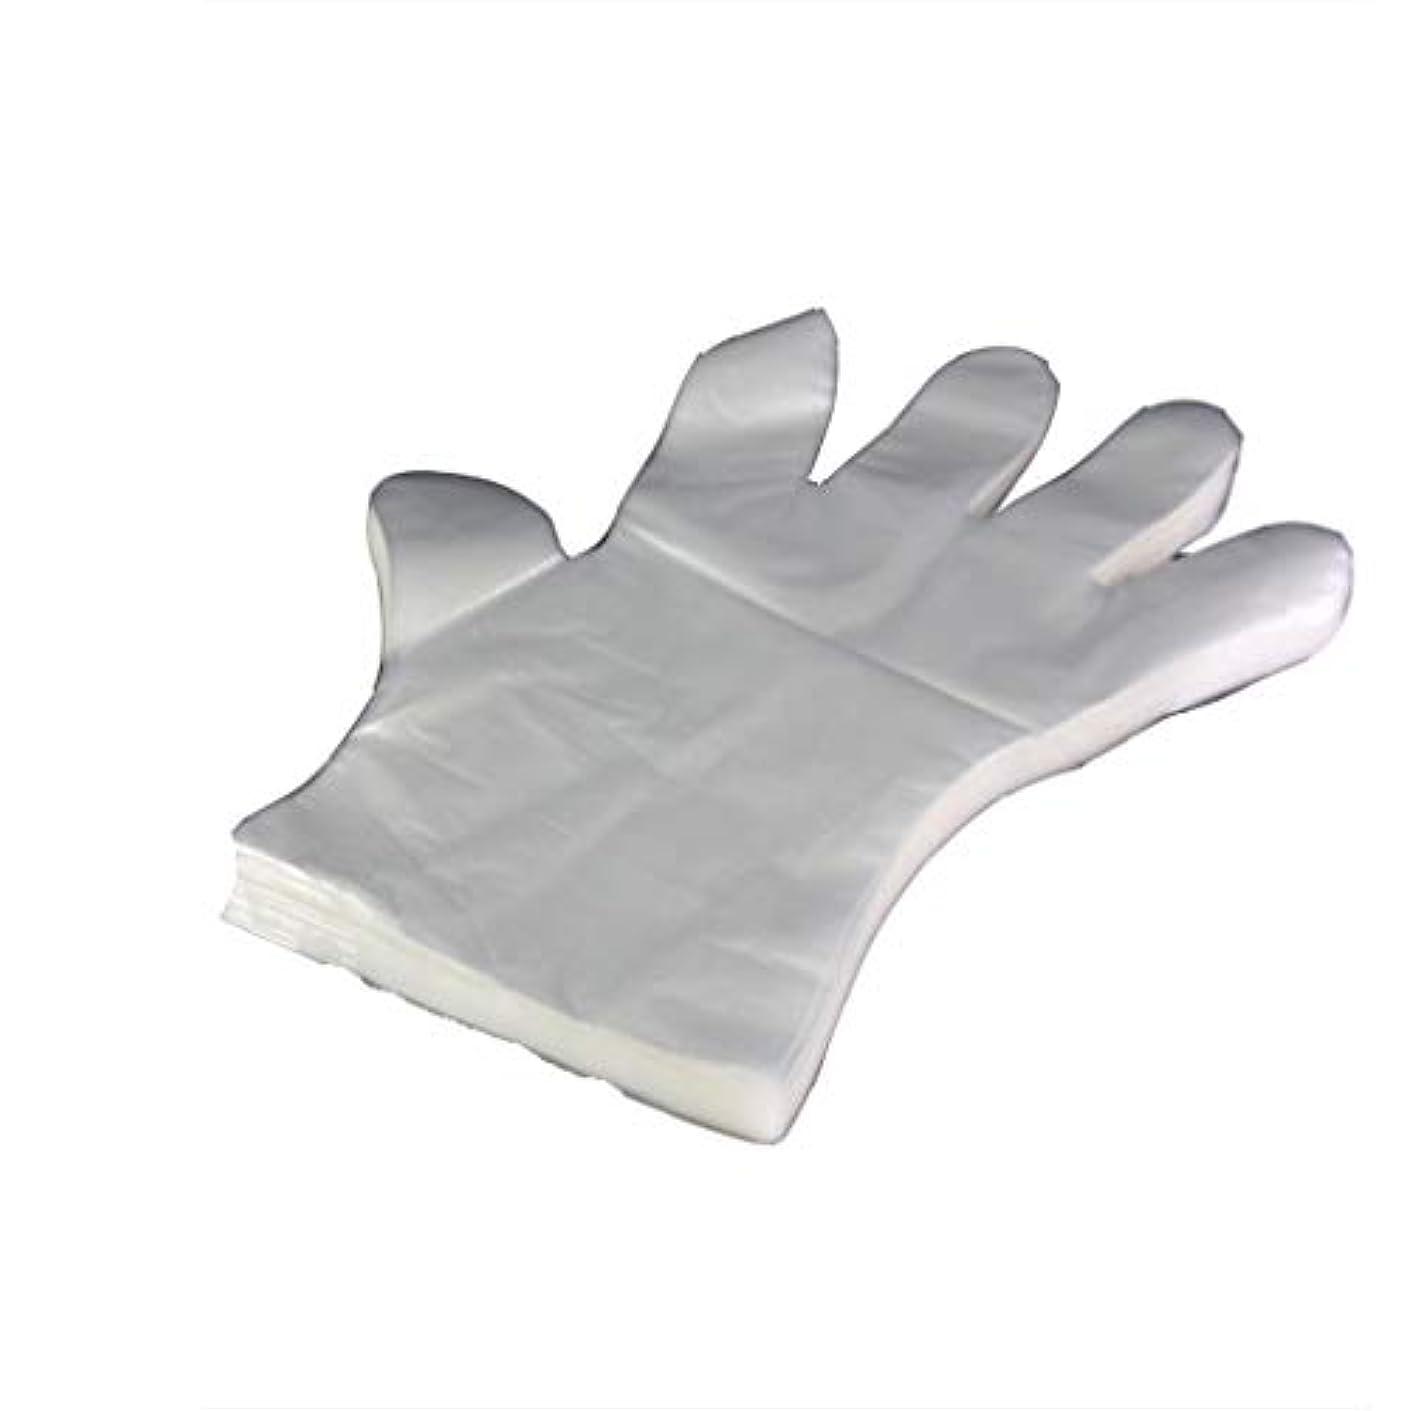 織る副雄弁家使い捨て手袋PEフィルムプラスチック化粧グローブフィルム透明増粘200袋 (UnitCount : 200only)